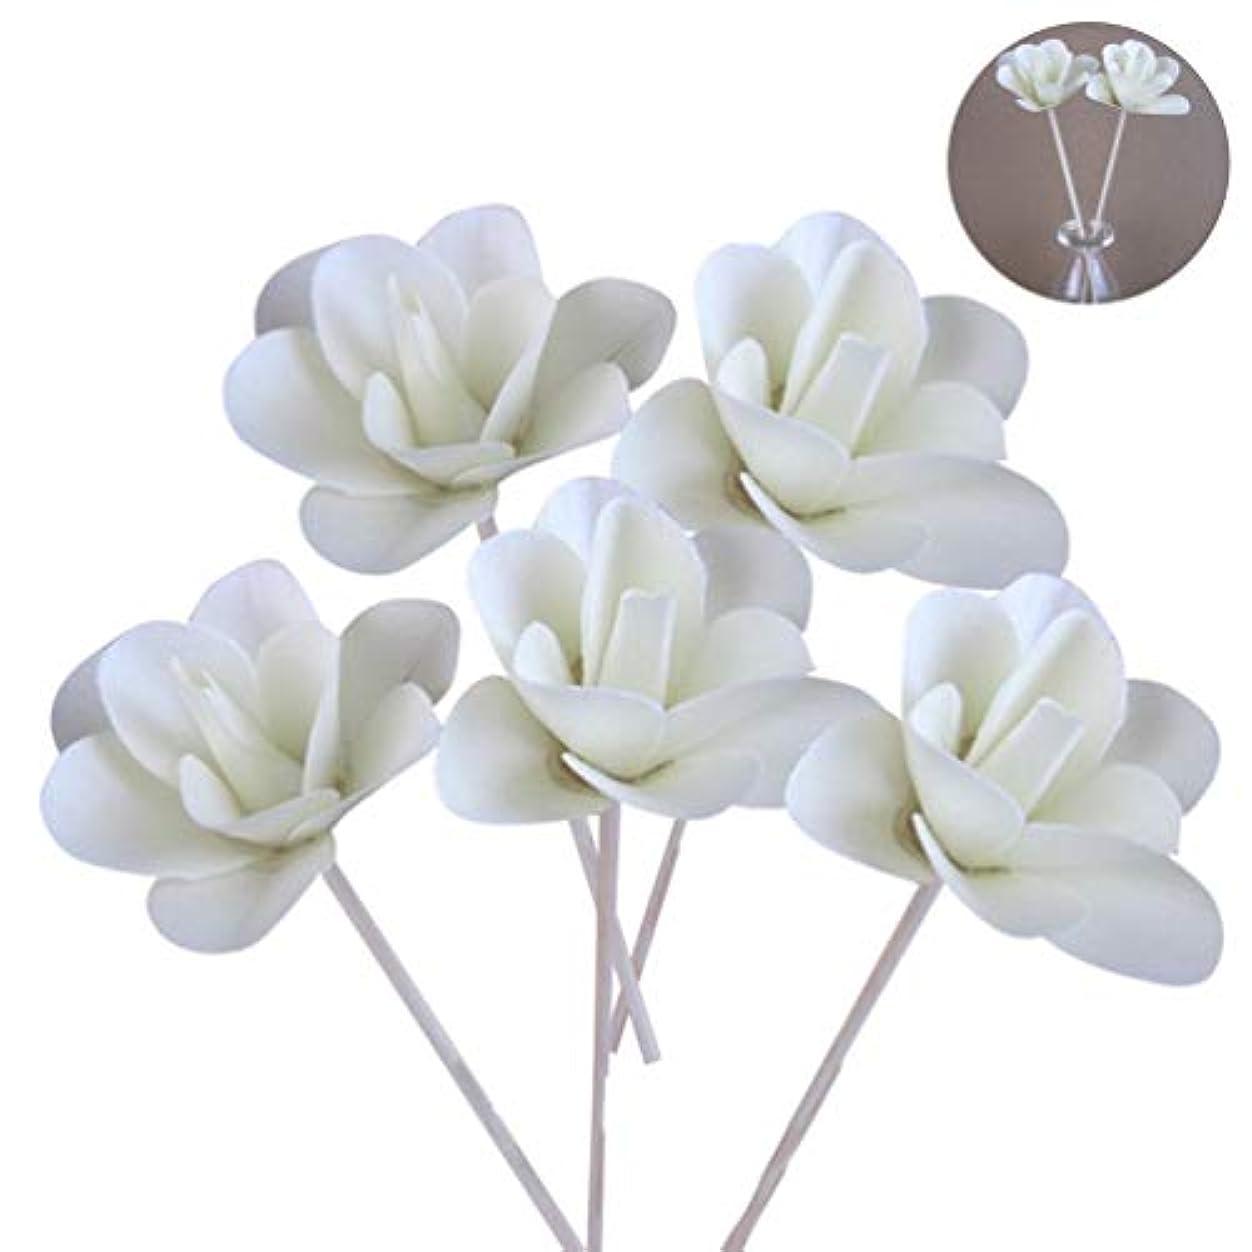 カリング集団整然とした(ライチ) Lychee 5本入り ラタンスティック 花 リードディフューザー用 リフィル 高品質 かわいい クラフト ホワイト